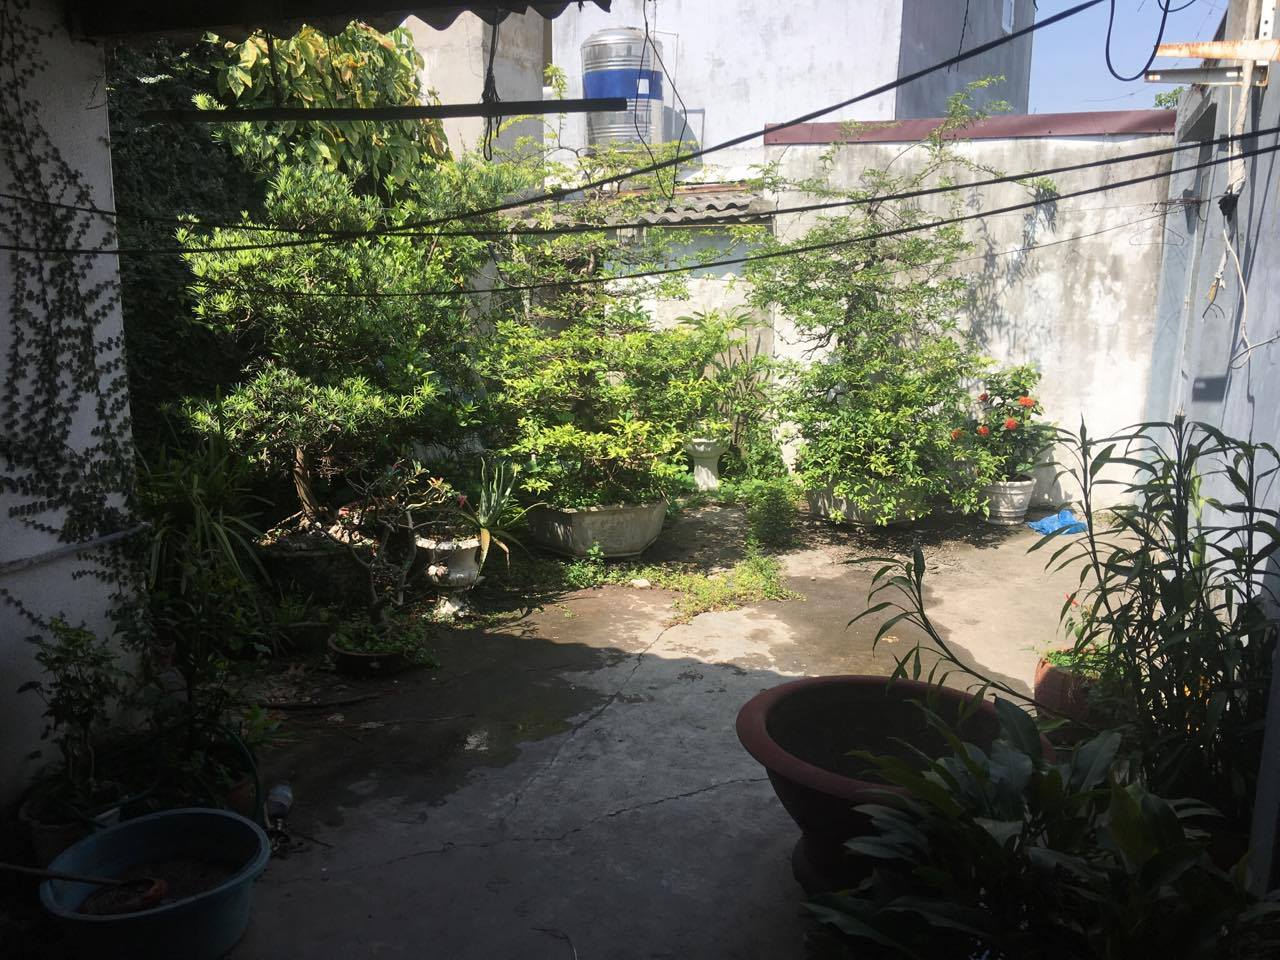 Bán nhà đất mặt đường Phạm Văn Đồng, Dương Kinh, Hải Phòng